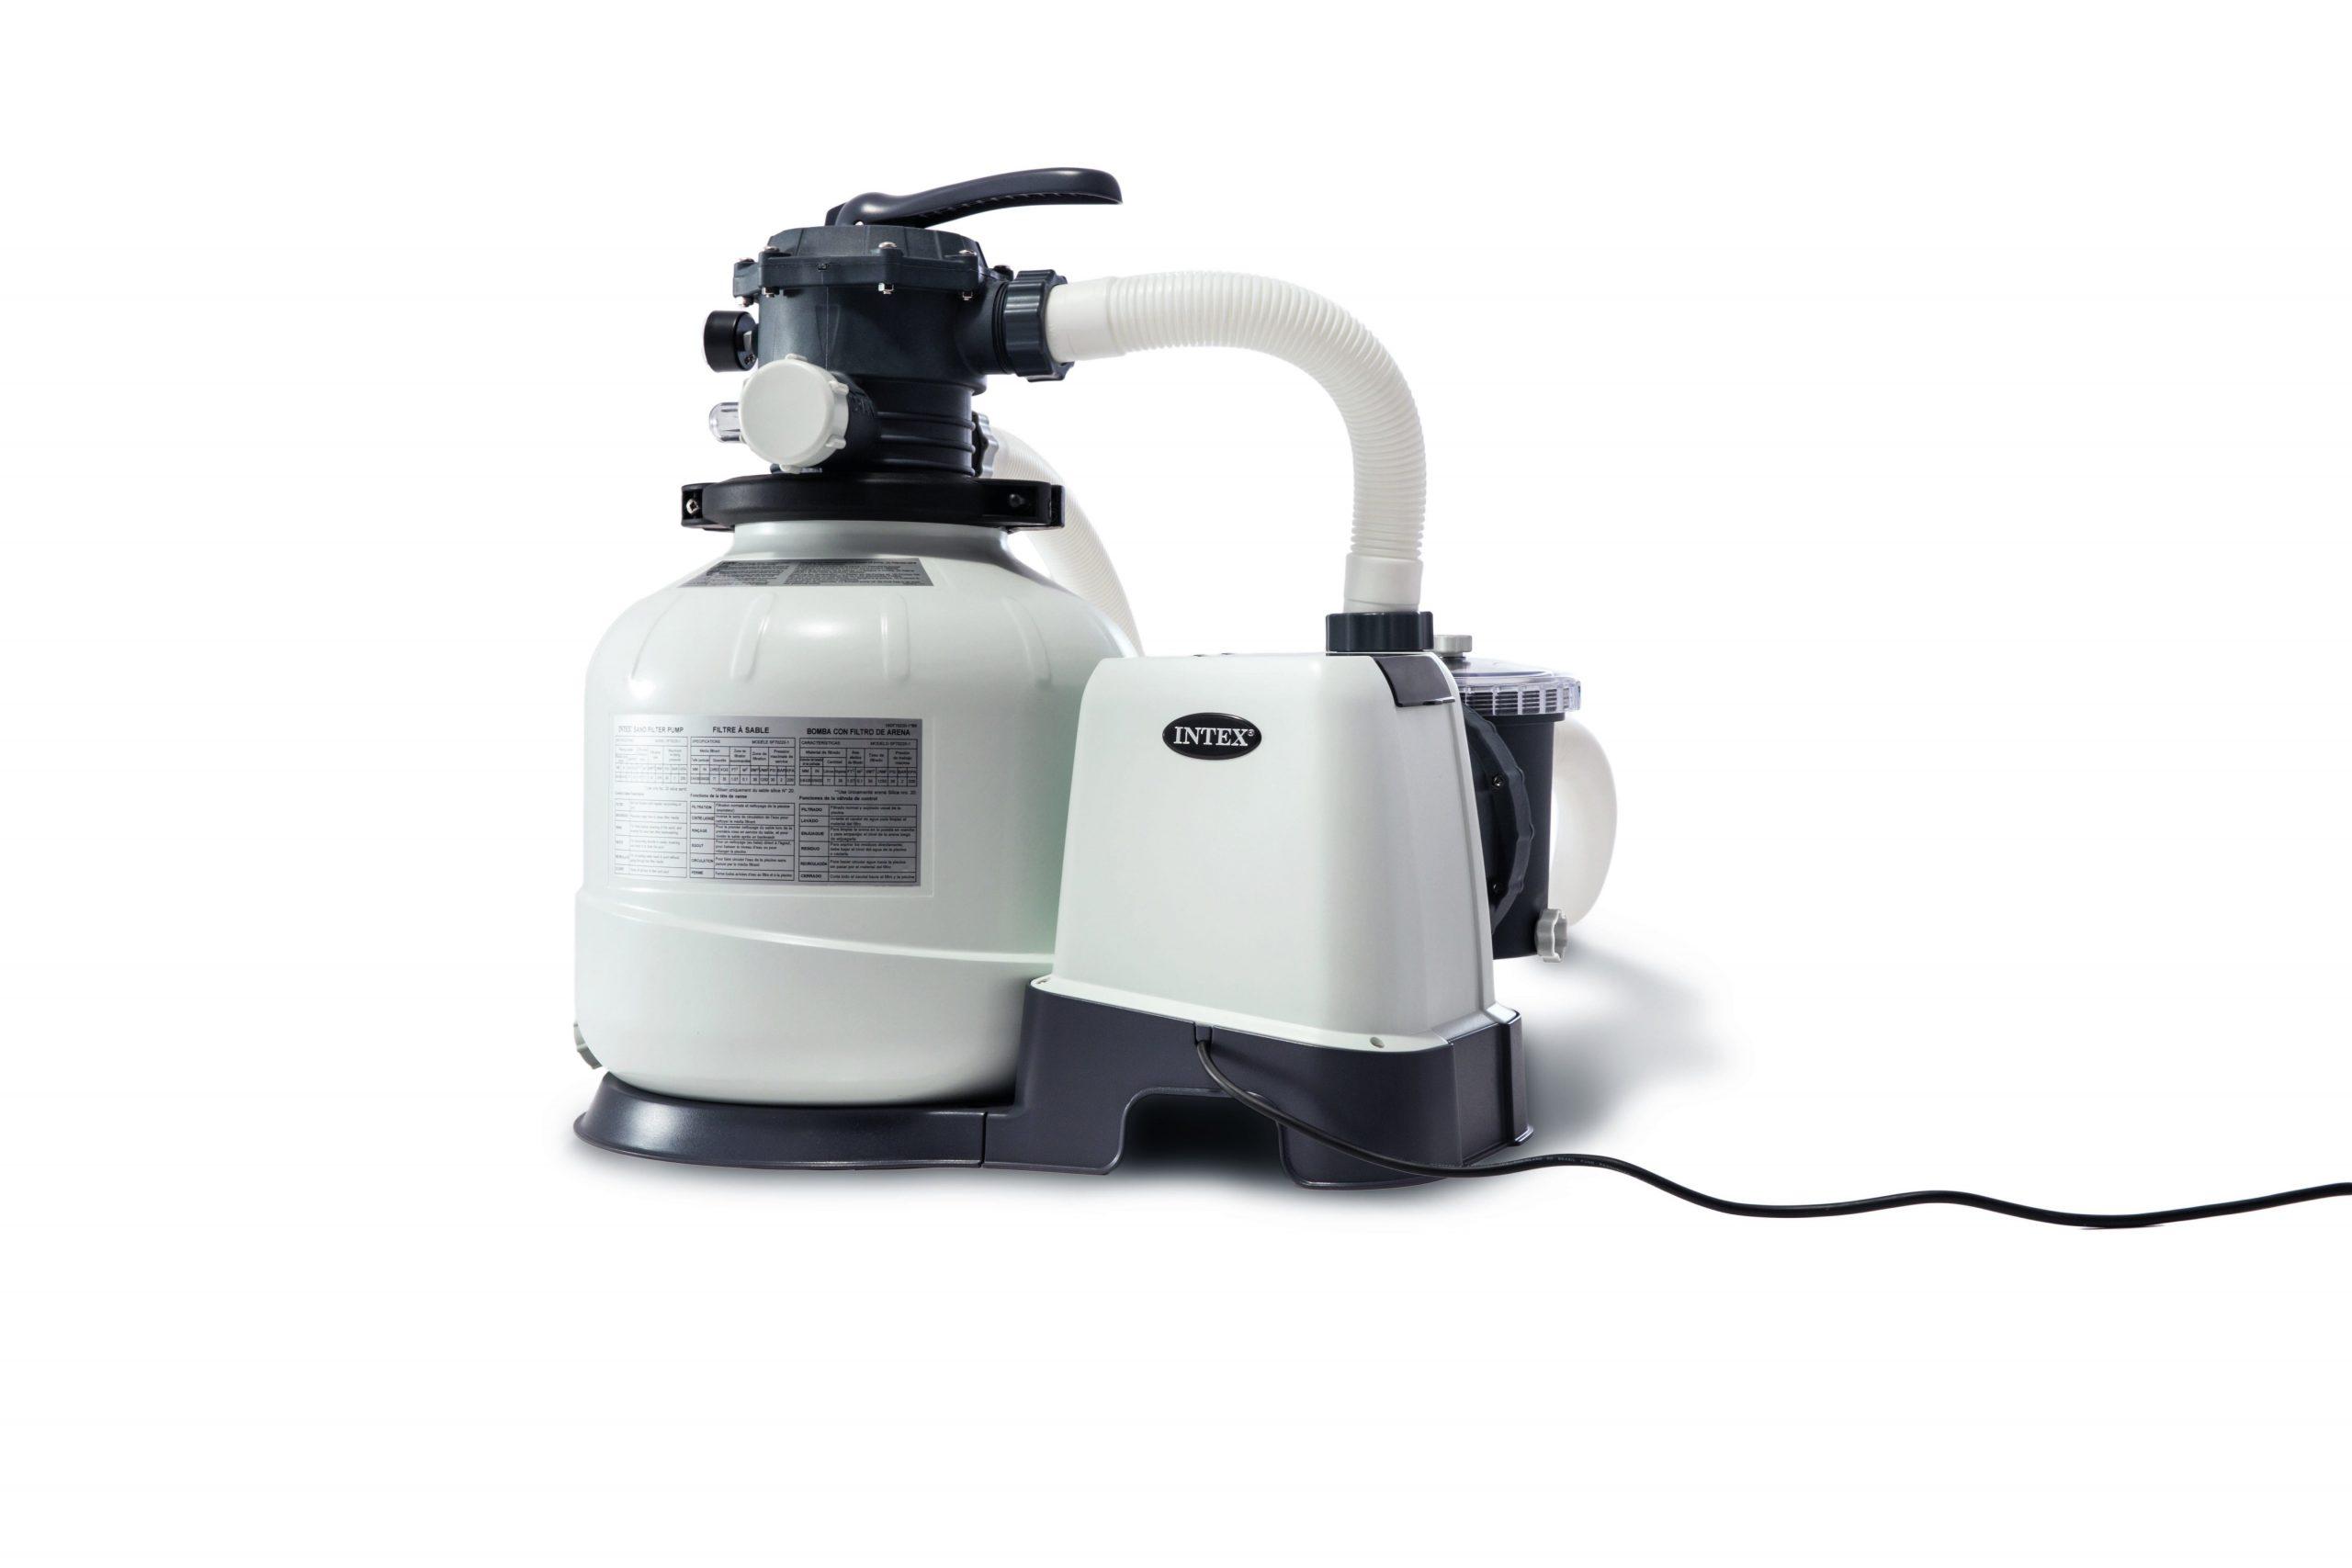 Filtre À Sable Pour Piscine Intex 8 M³/h dedans Pompe Piscine Leroy Merlin